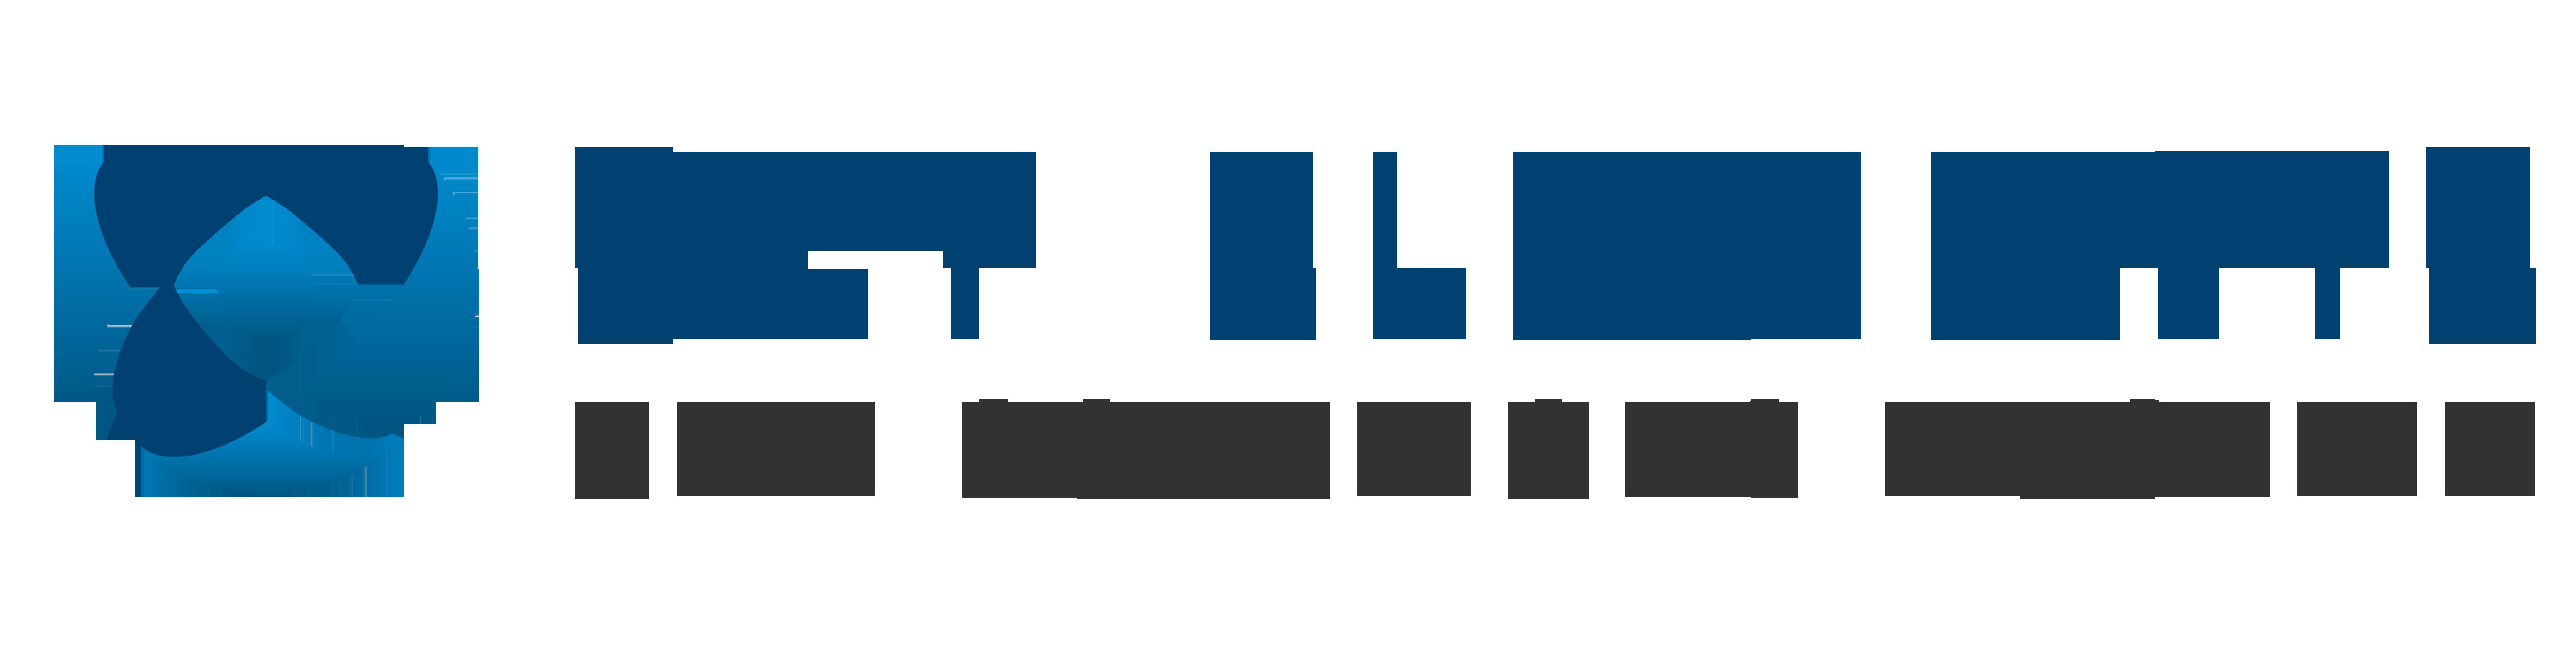 Sky Elements UAV Solutions Austria